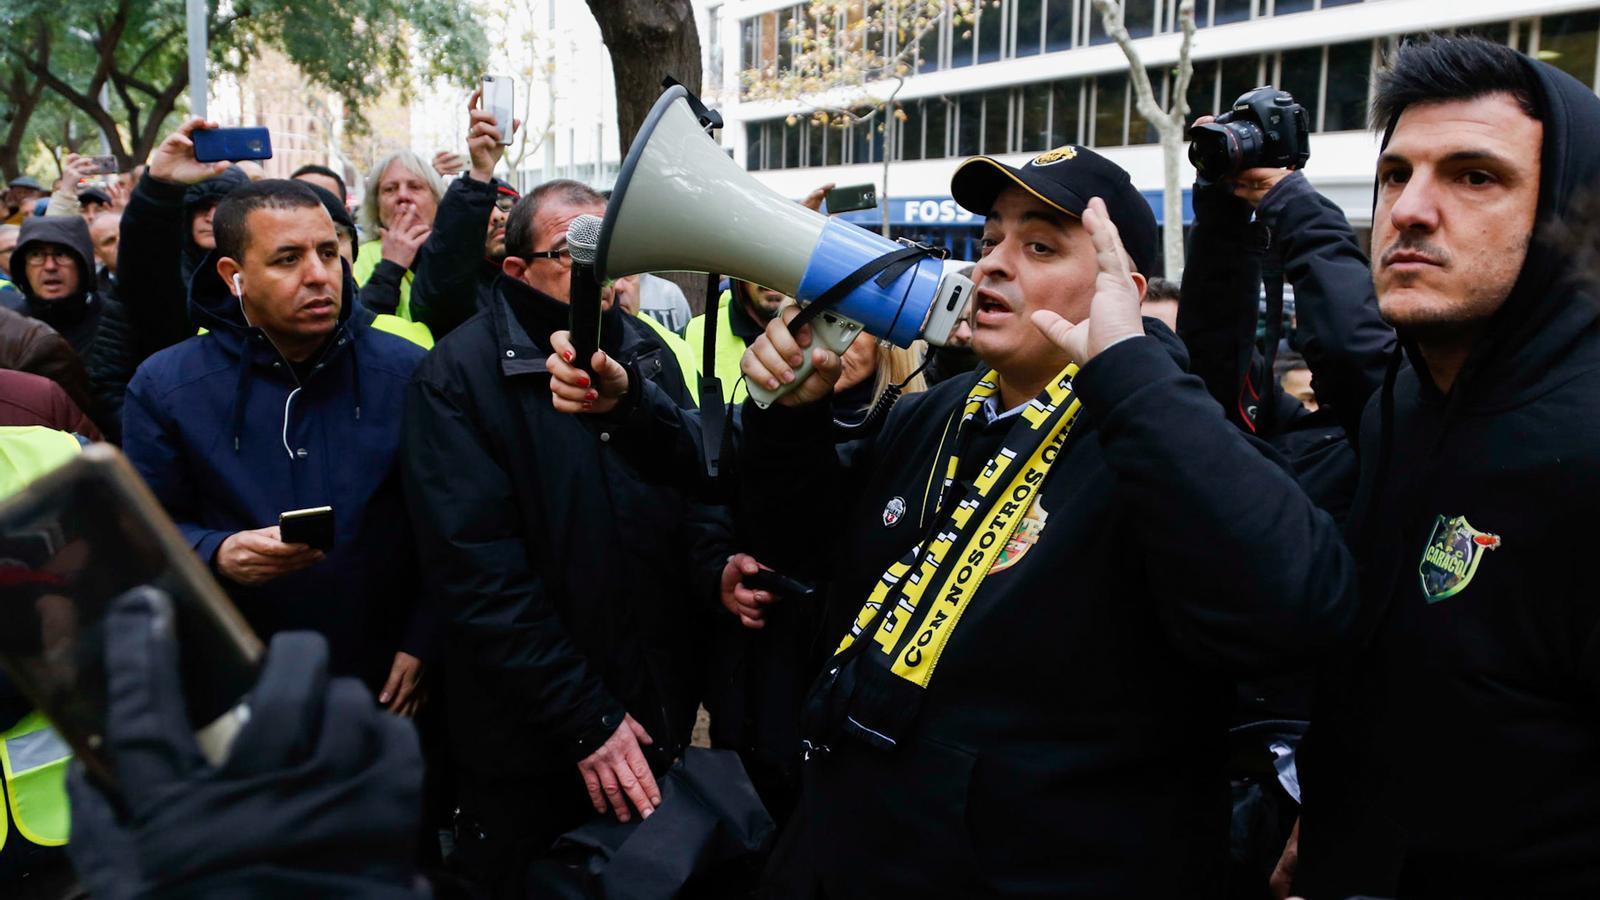 Els taxis convoquen vaga indefinida per considerar massa tou el decret del Govern que limita Uber i Cabify